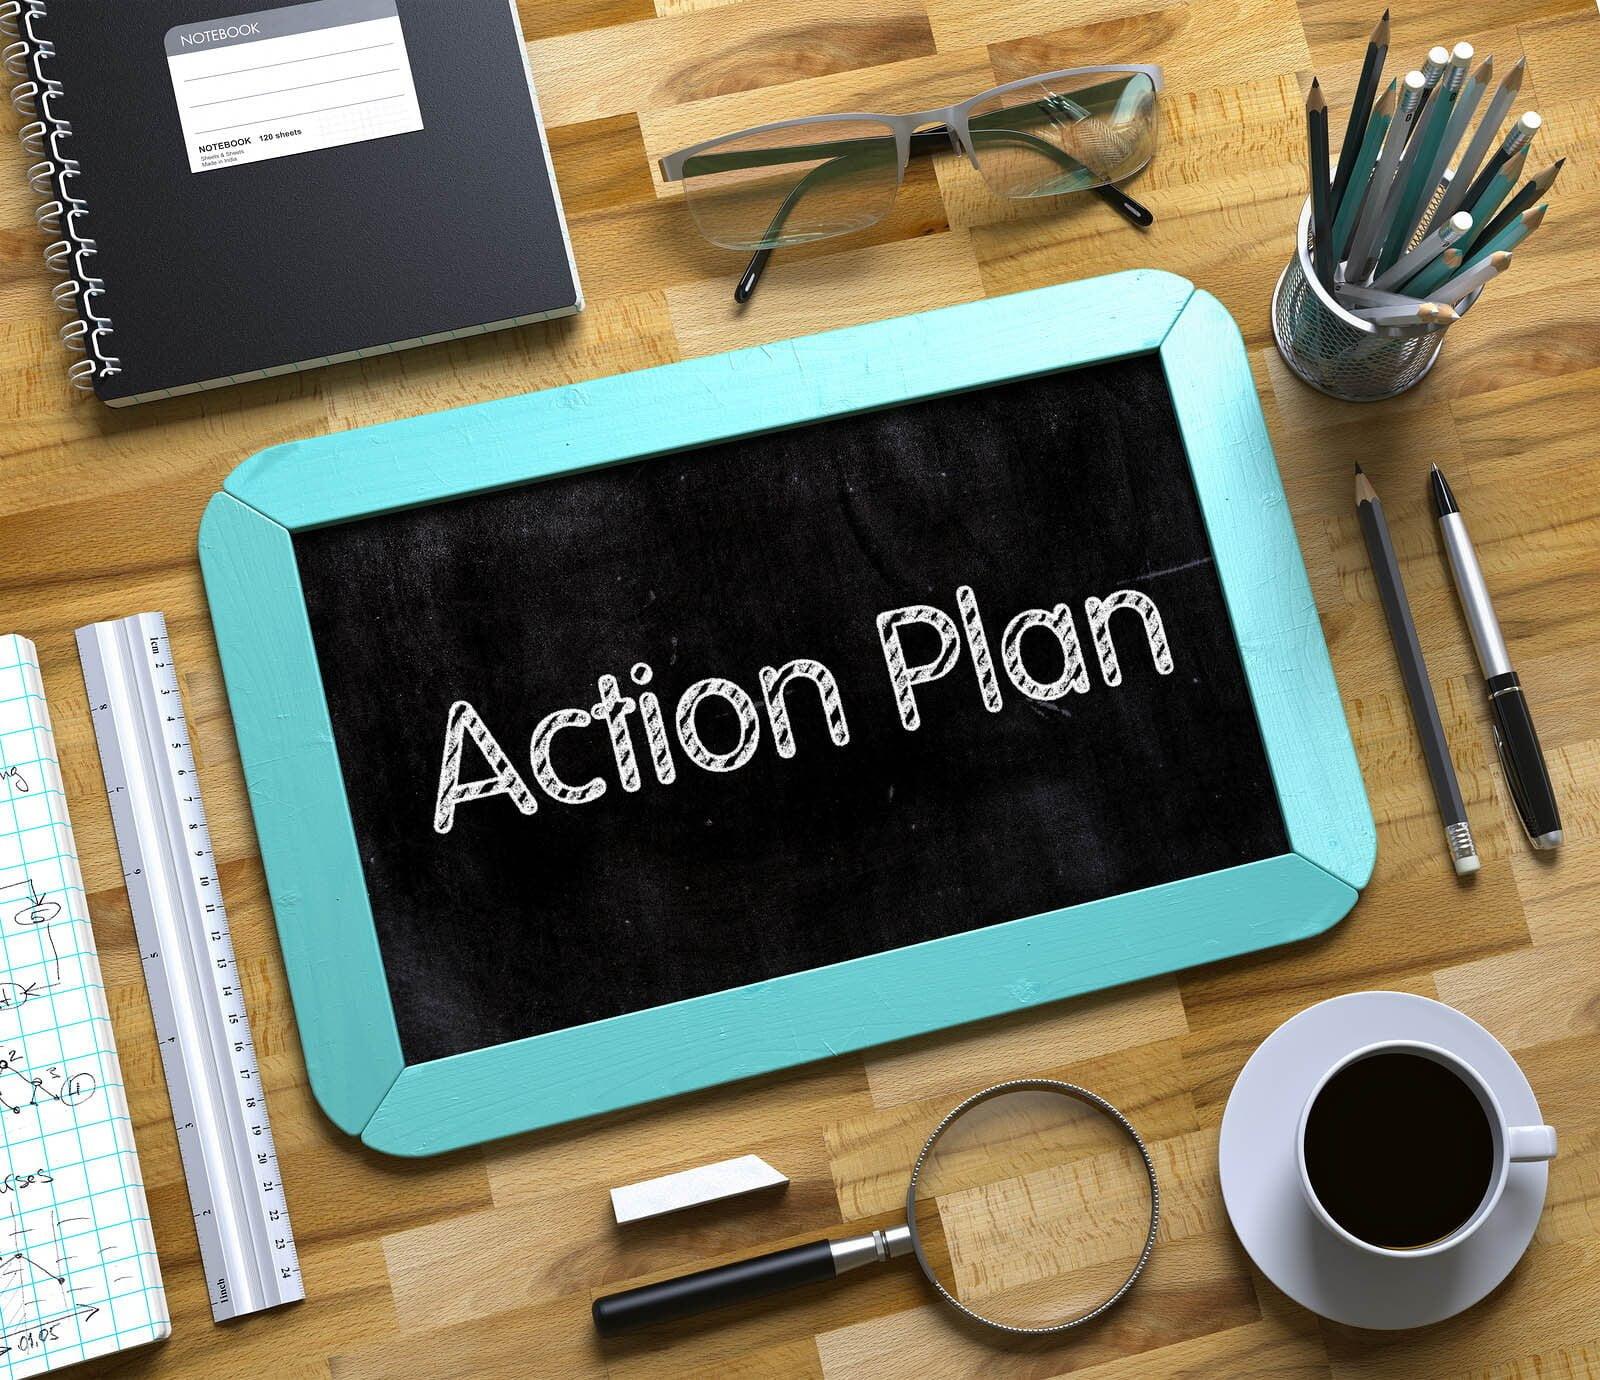 Human Resource Planning - Action Plan